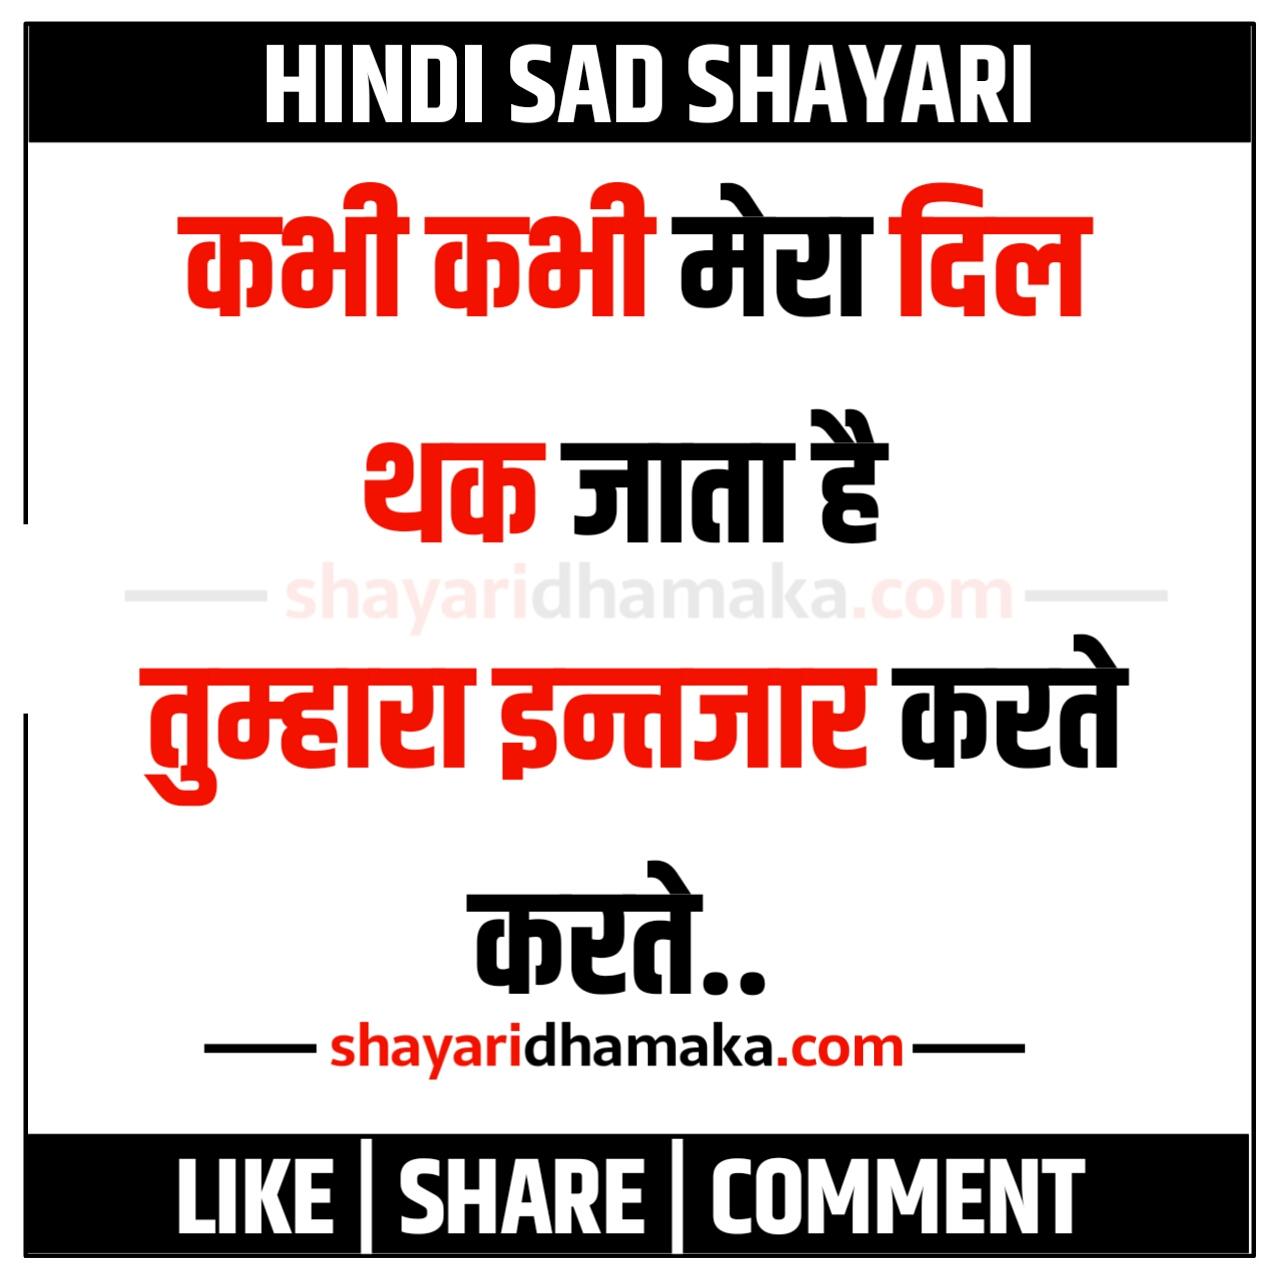 कभी कभी मेरा दिल थक जाता है - Dard Bhari Shayari